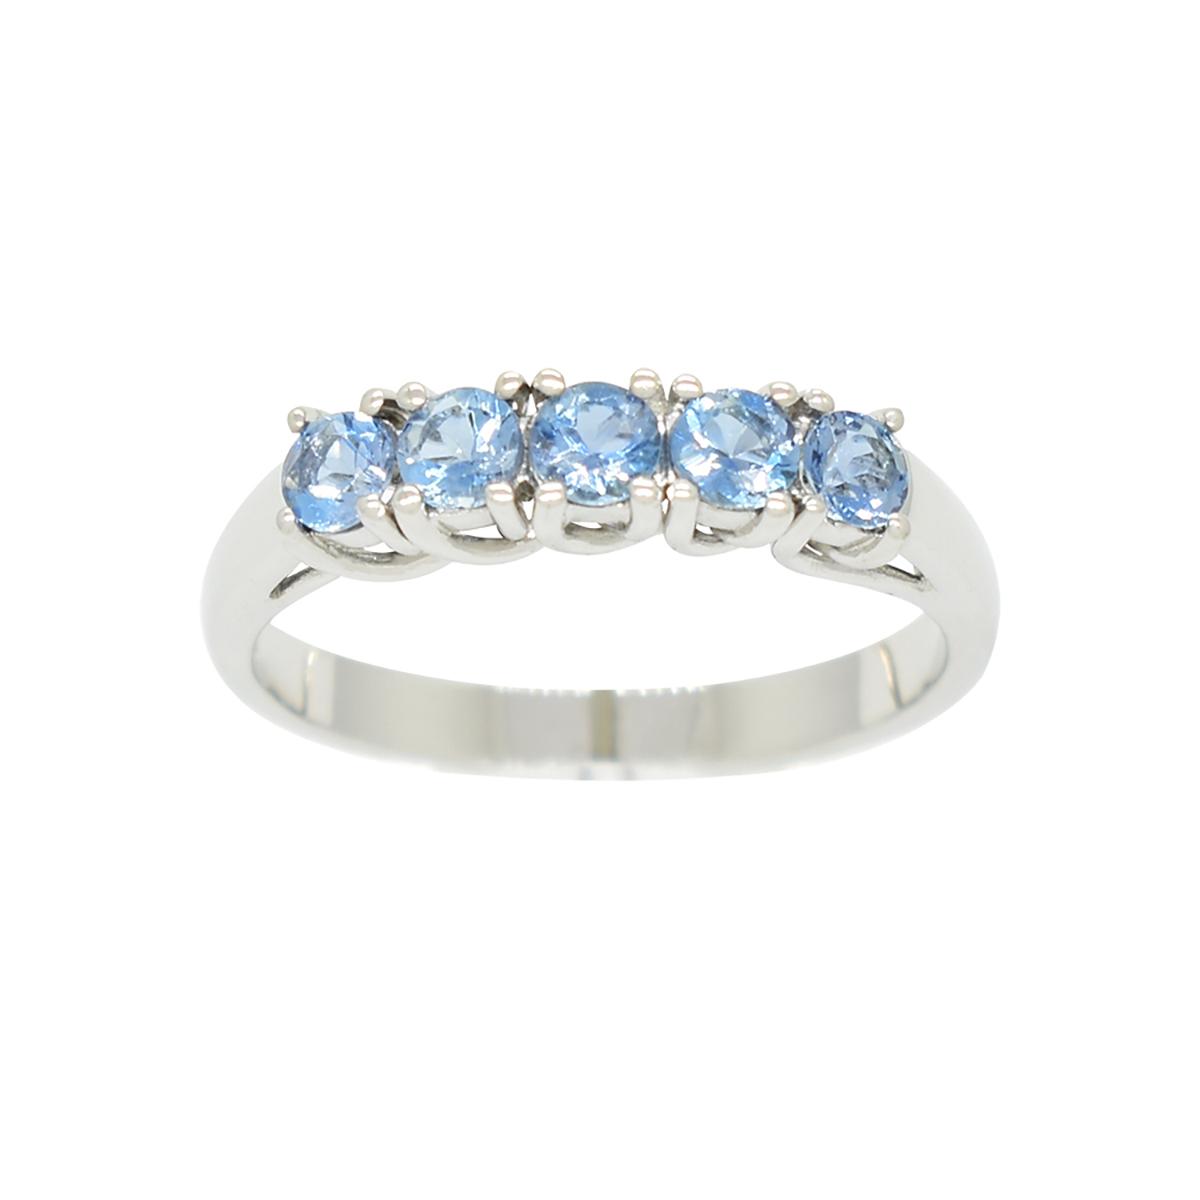 18k-white-gold-aquamarine-half-eternity-wedding-band-ring